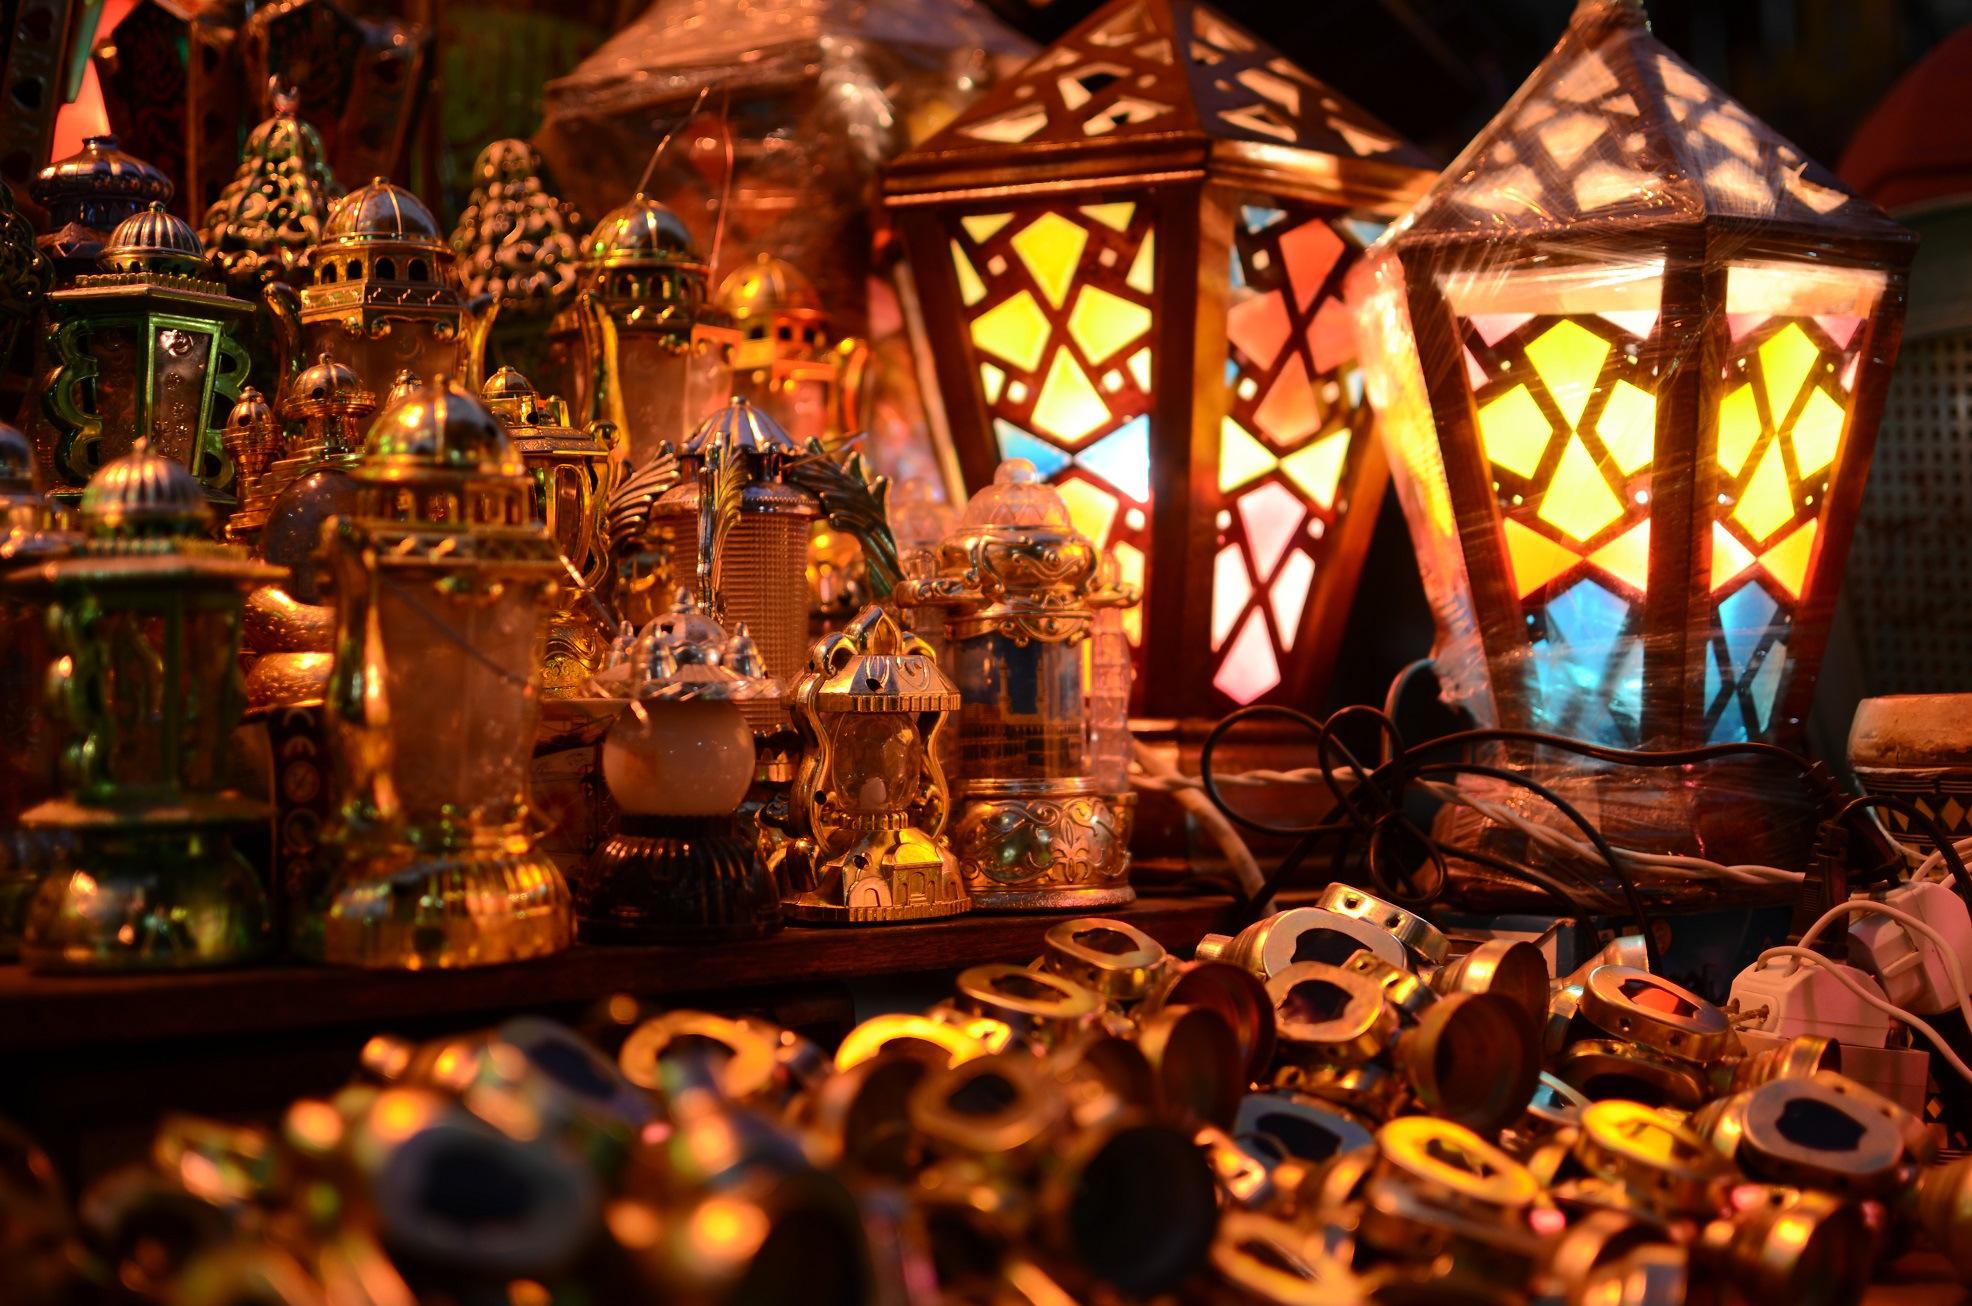 صور و خلفيات فوانيس رمضان لسطح المكتب اهديها لمن تحب   8-C